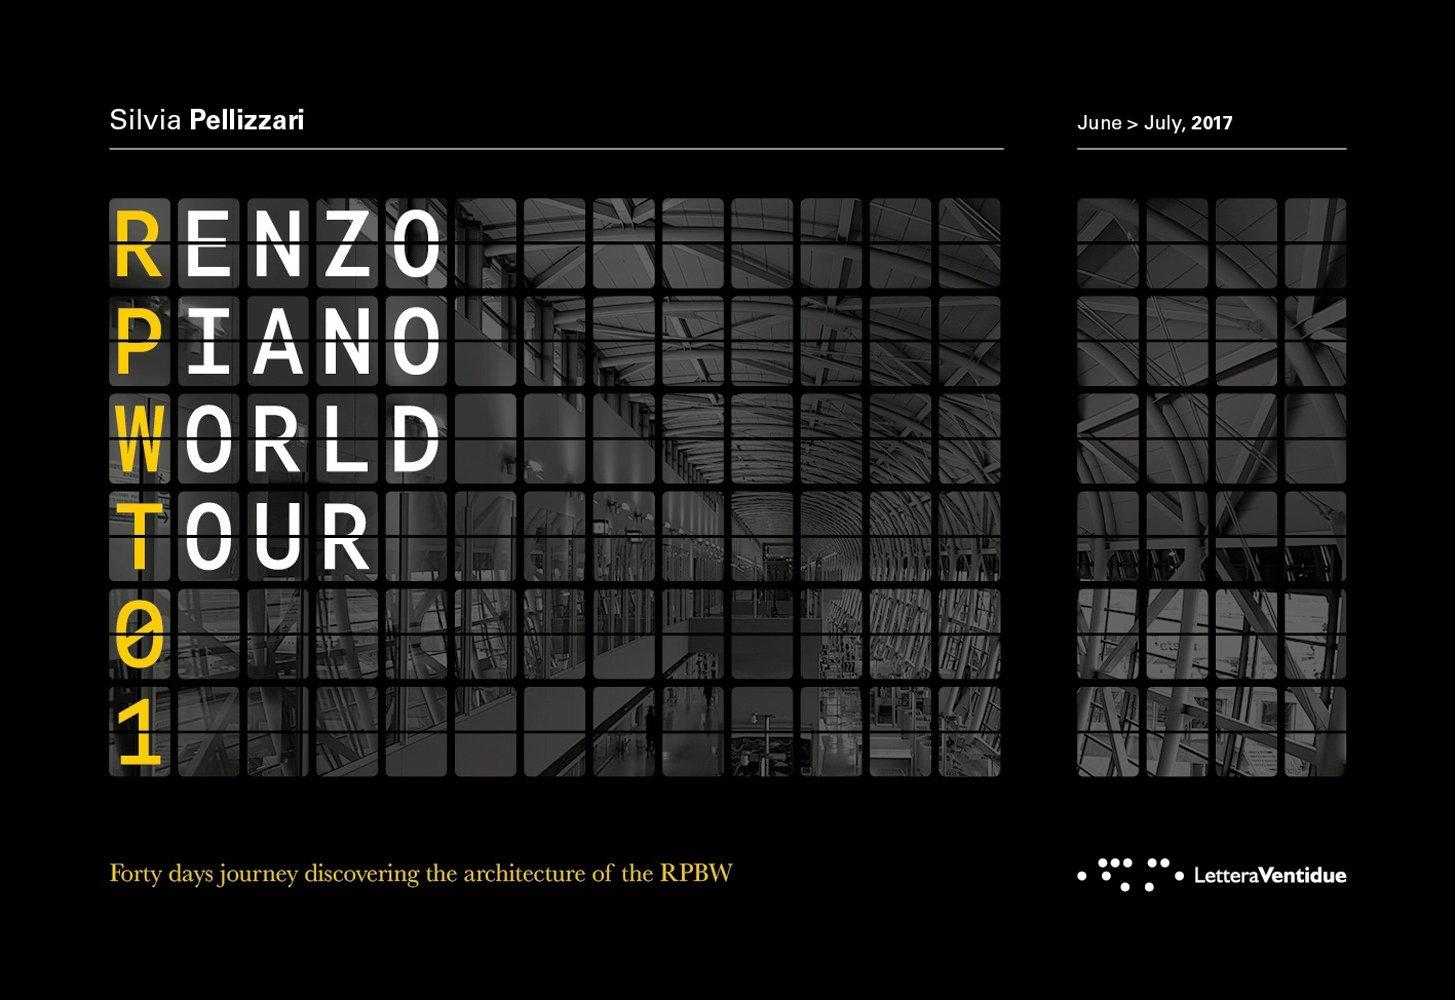 Renzo Piano World Tour 01. Forty days journey discovering the architecture of the RPBW. Un viaggio di quaranta giorni alla scoperta delle architetture di RPBW